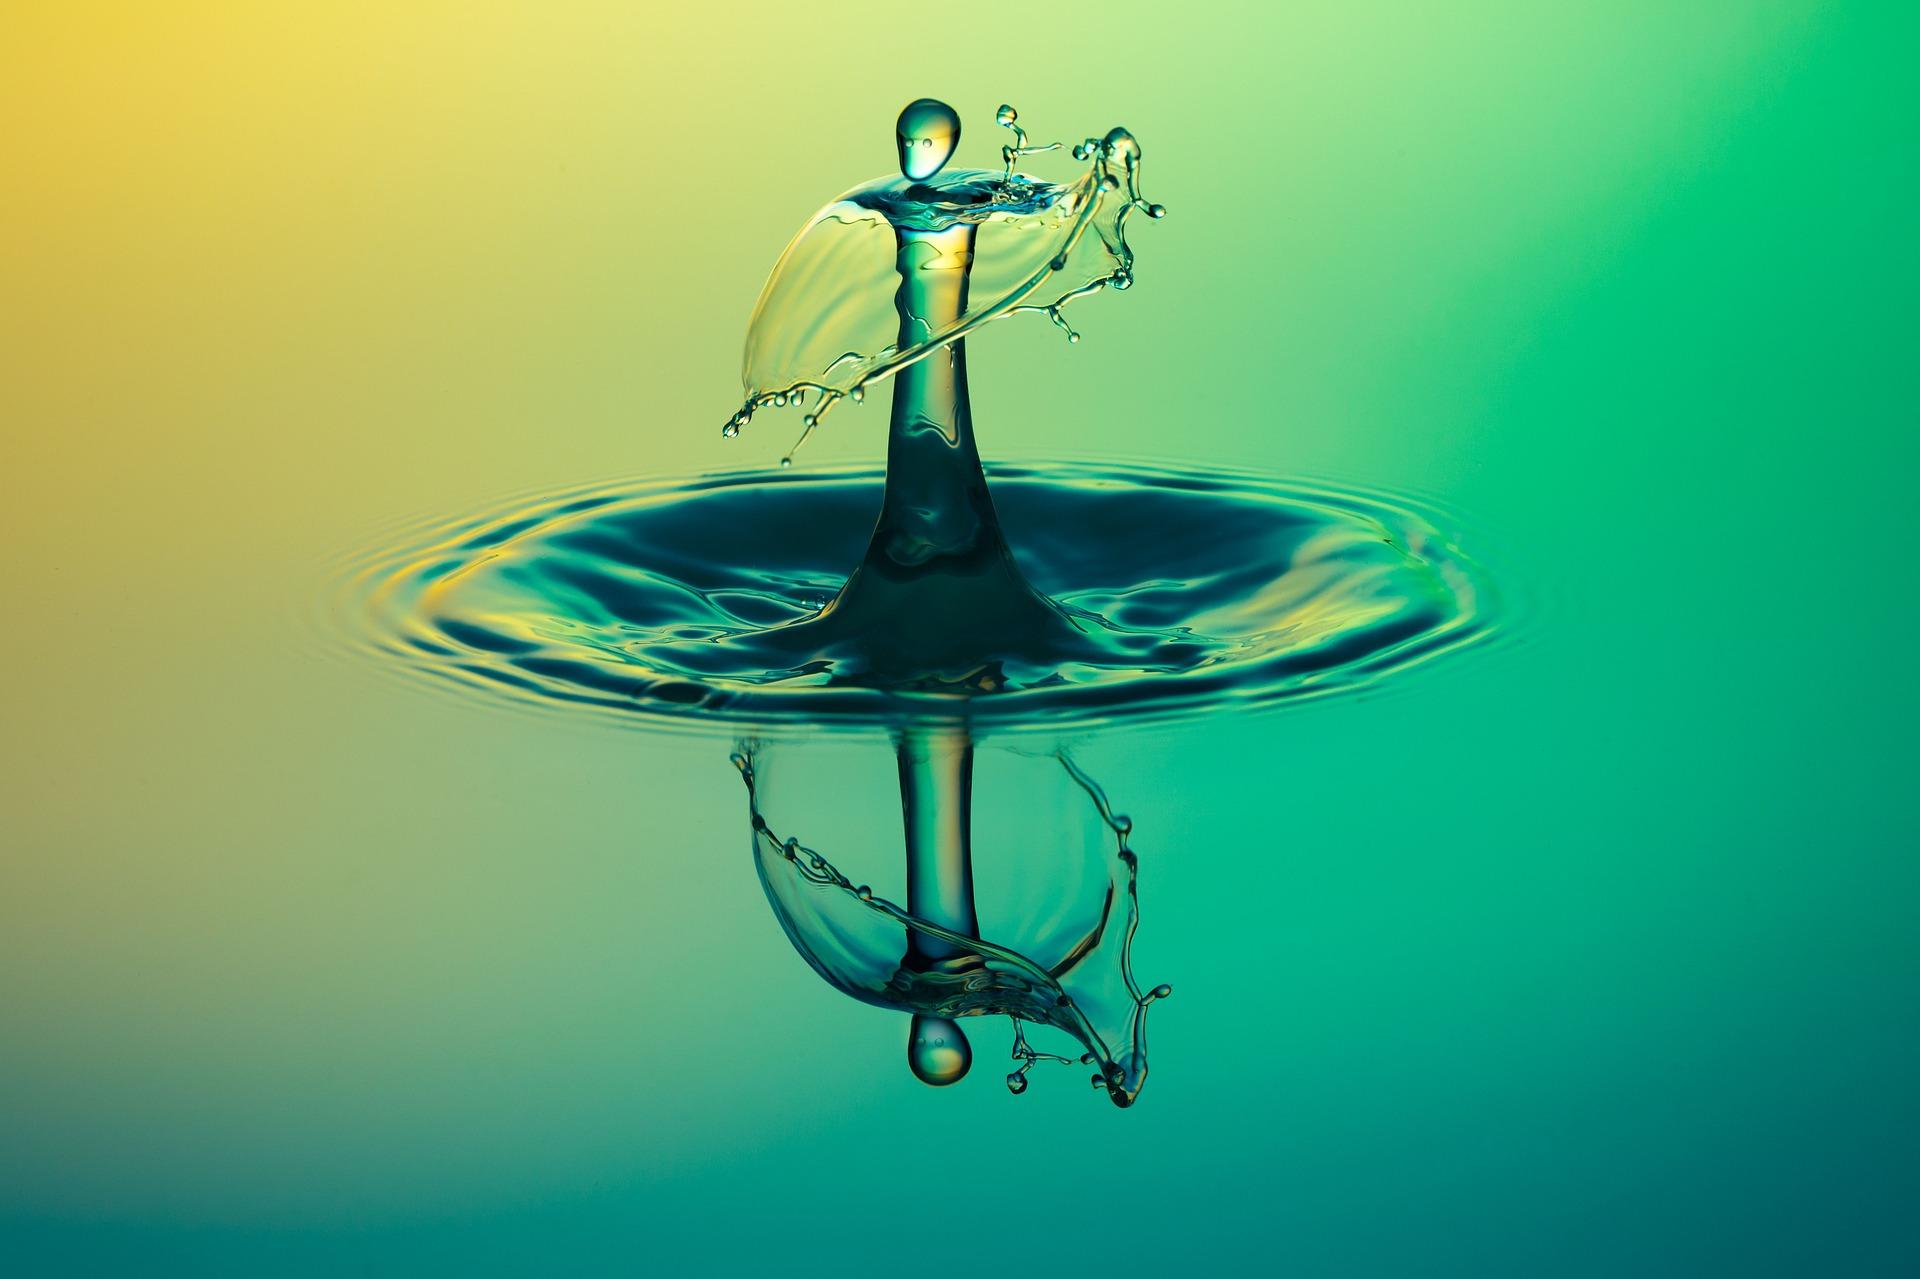 un imagen de una gota de agua. la gota representa caos comparado a la agua calmada al rededor